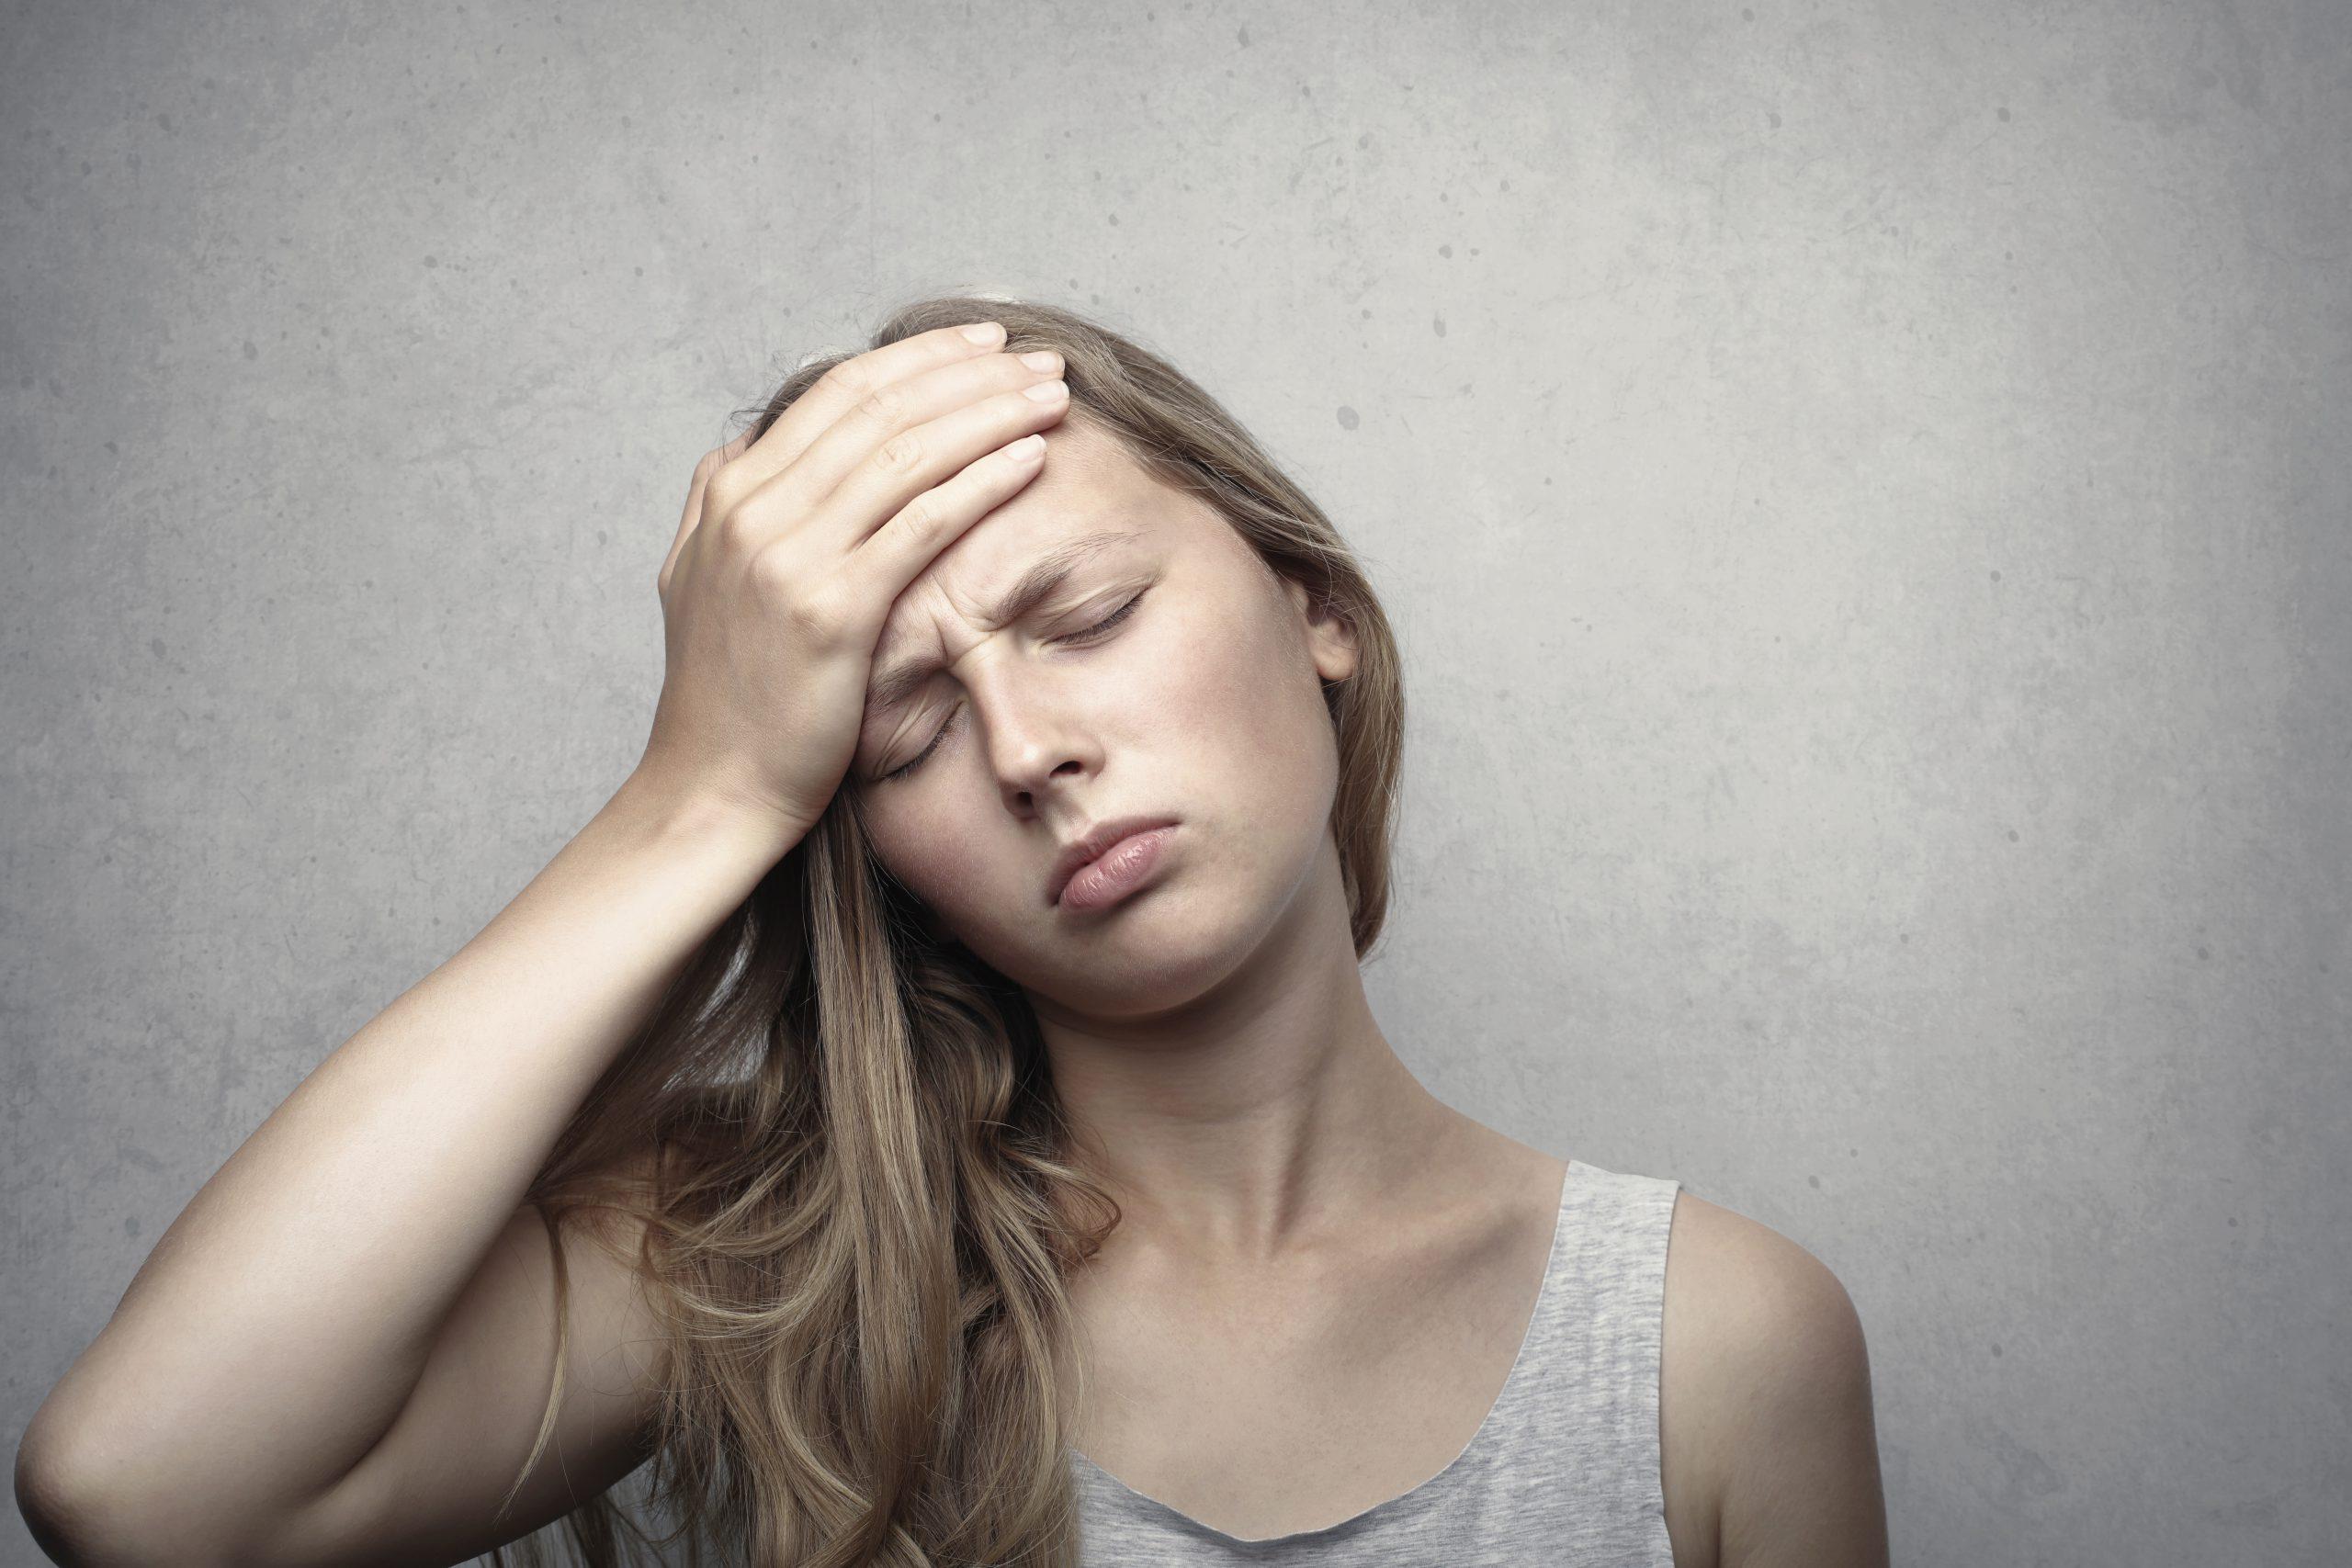 生理や気圧の変化でも耳鳴りが起きる?